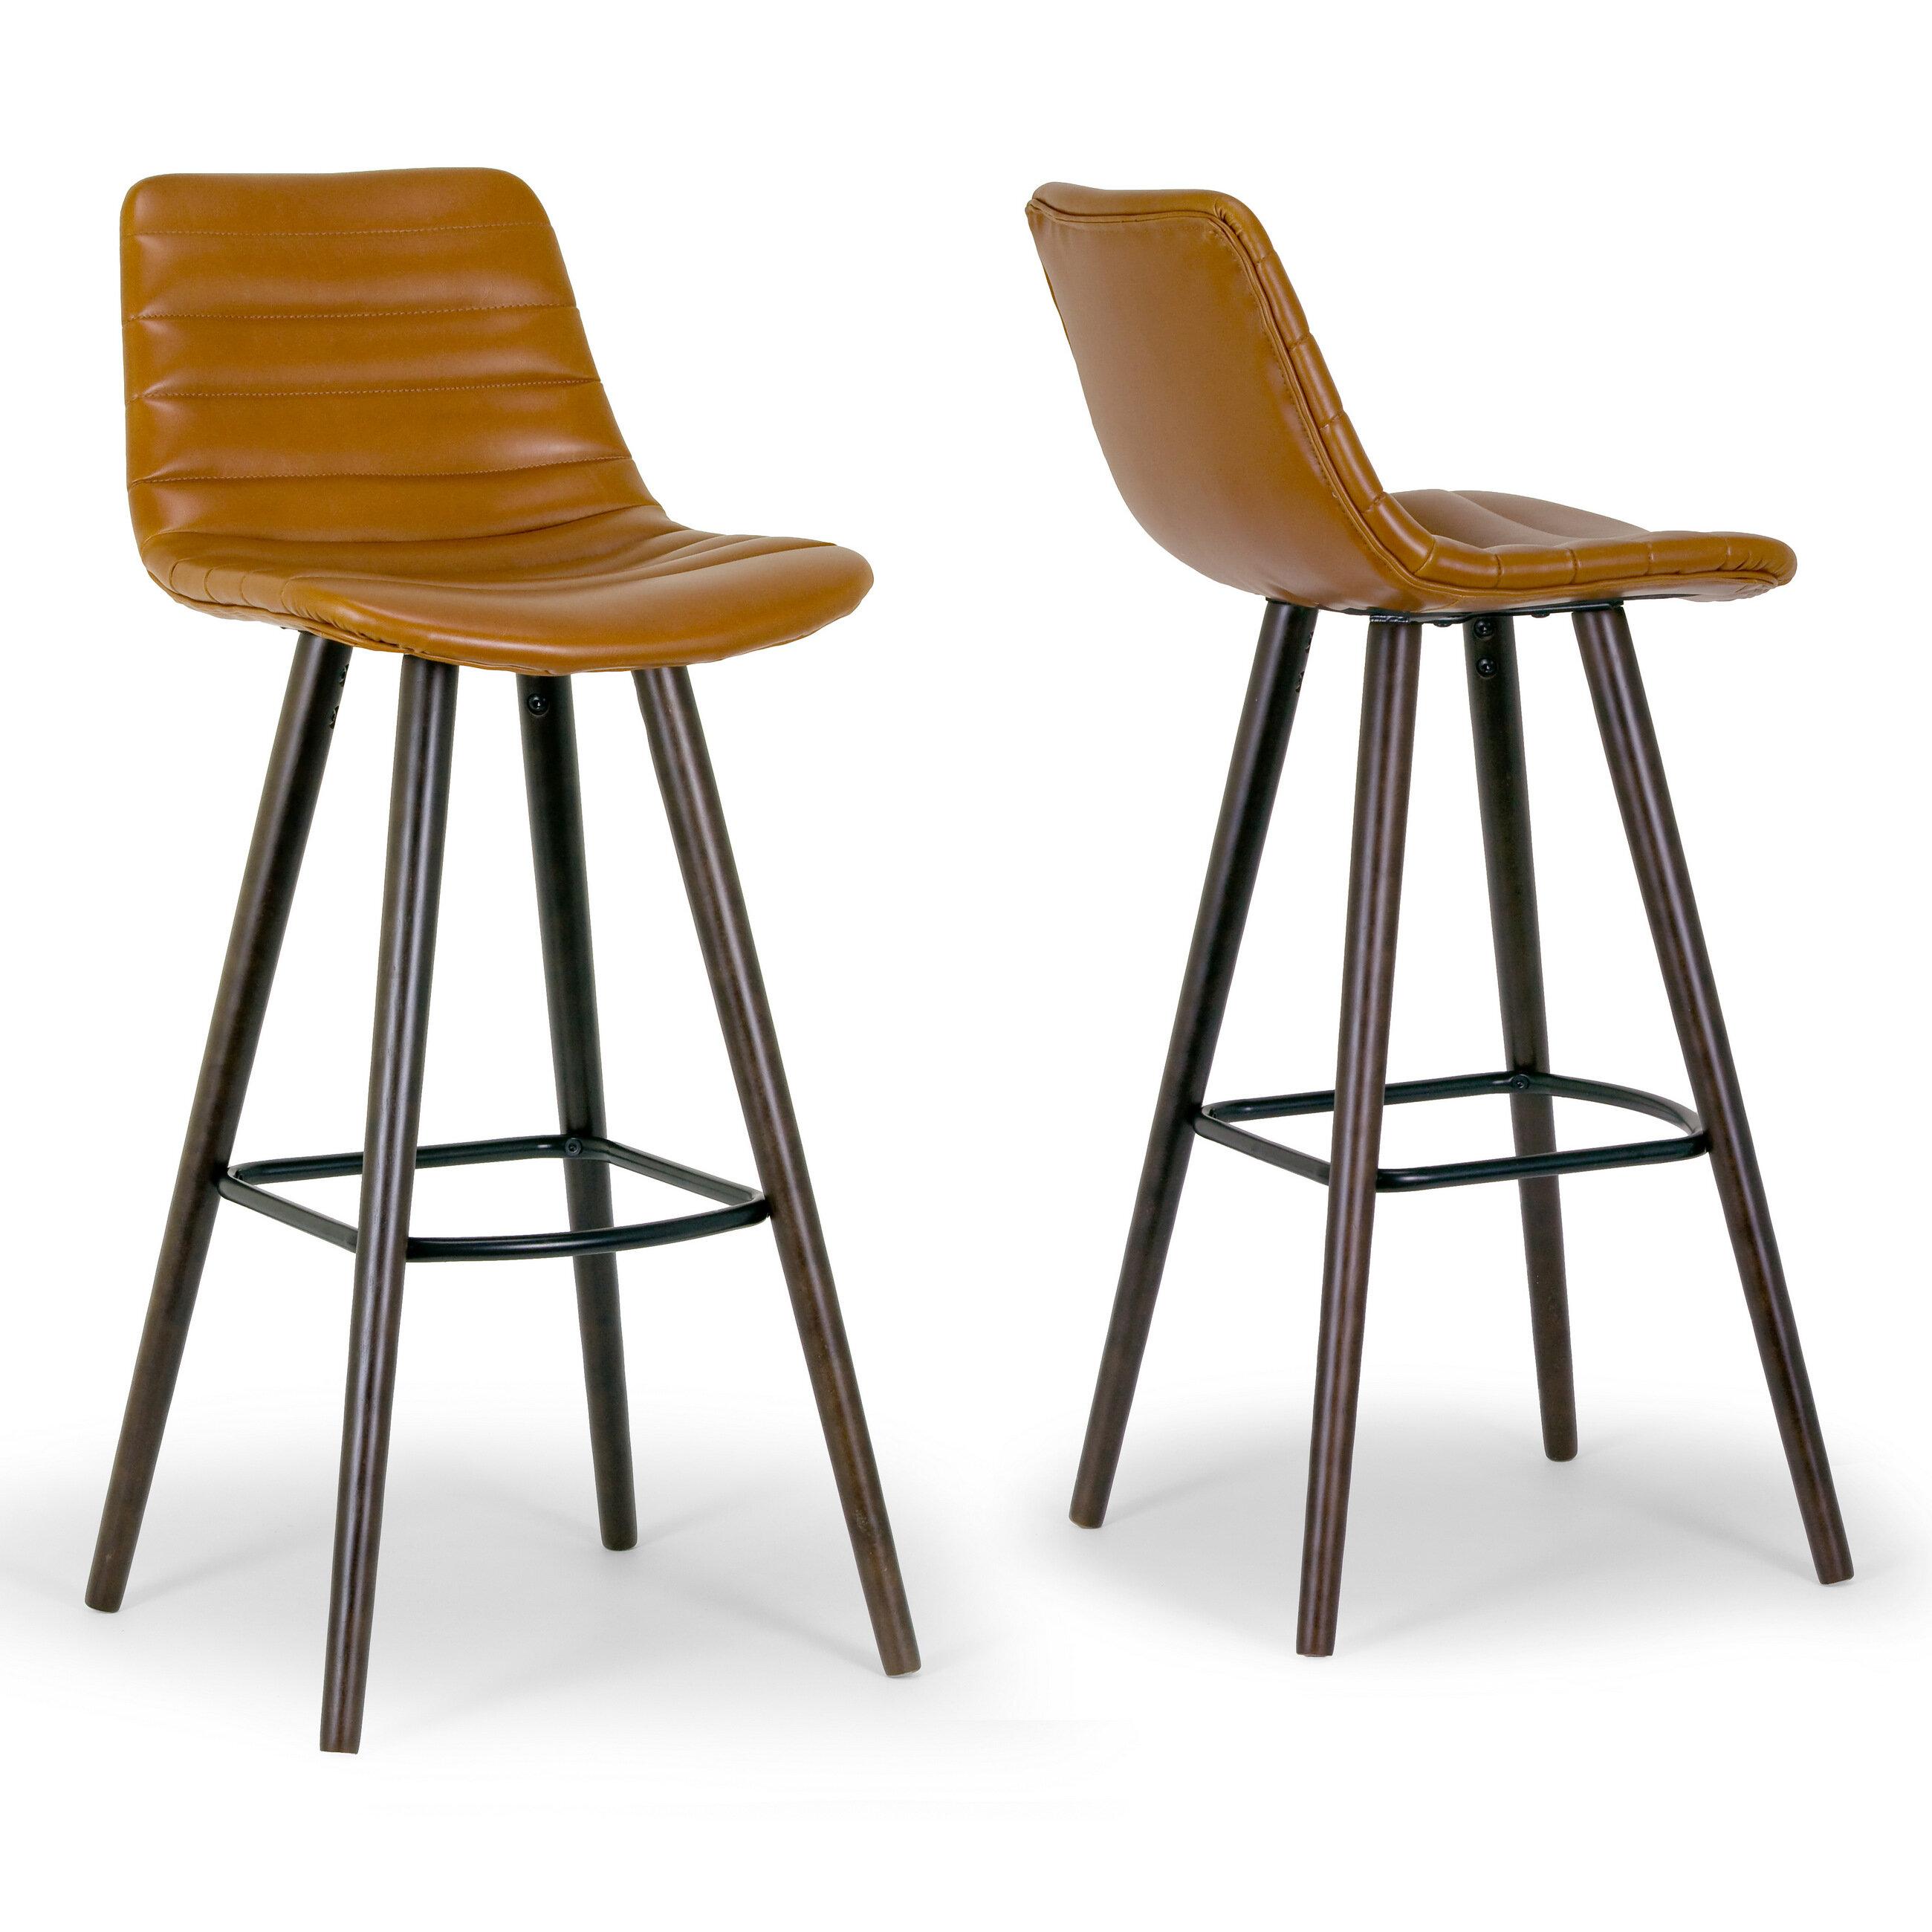 Remarkable Alden Bar Stool Alphanode Cool Chair Designs And Ideas Alphanodeonline